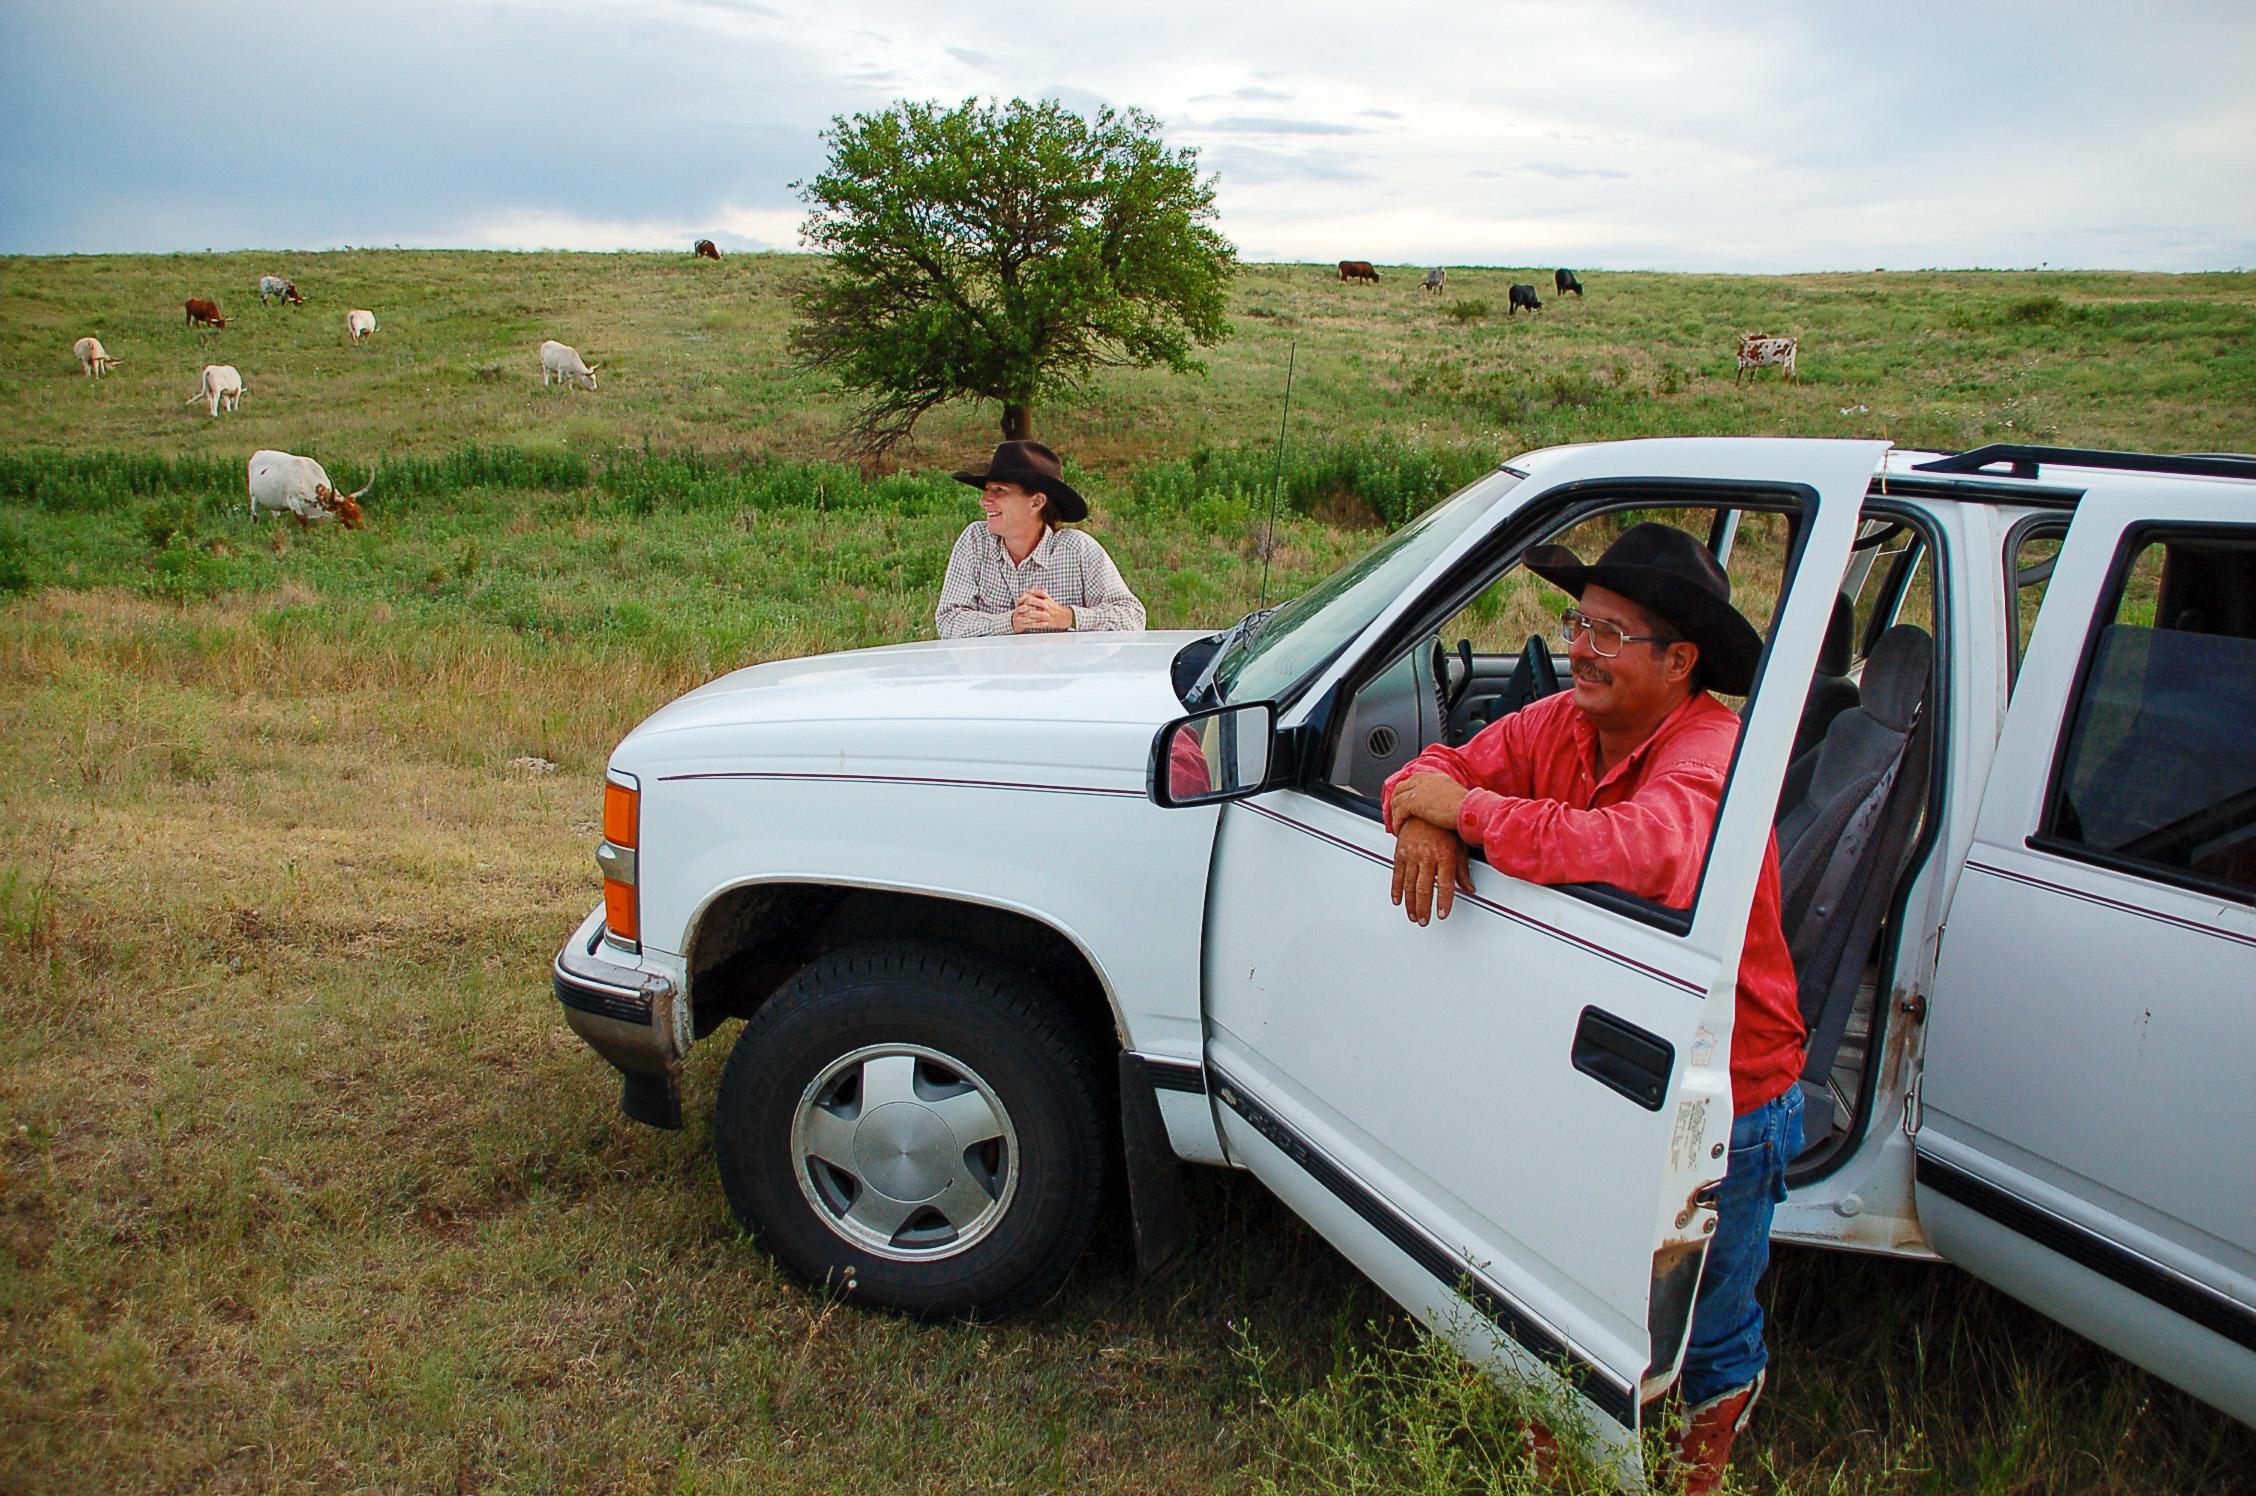 Bill und Nancy Moore führen ihre Dude Ranch in Kansas mit viel Liebe, bis zu sechs Besucher helfen ihnen bei der harten Arbeit